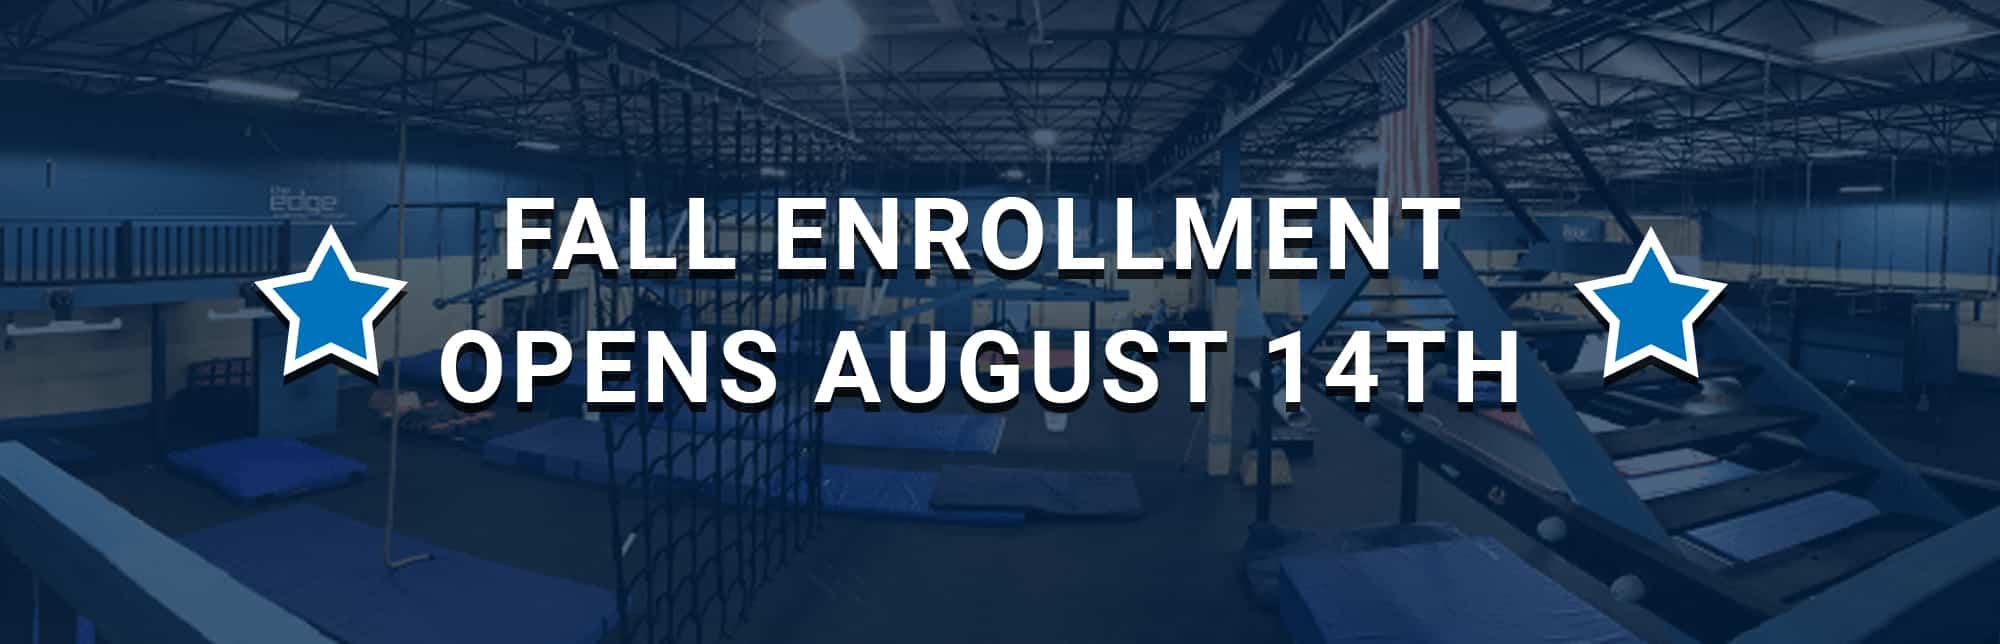 Ninja Class Fall Enrollment - The Ninja's Edge